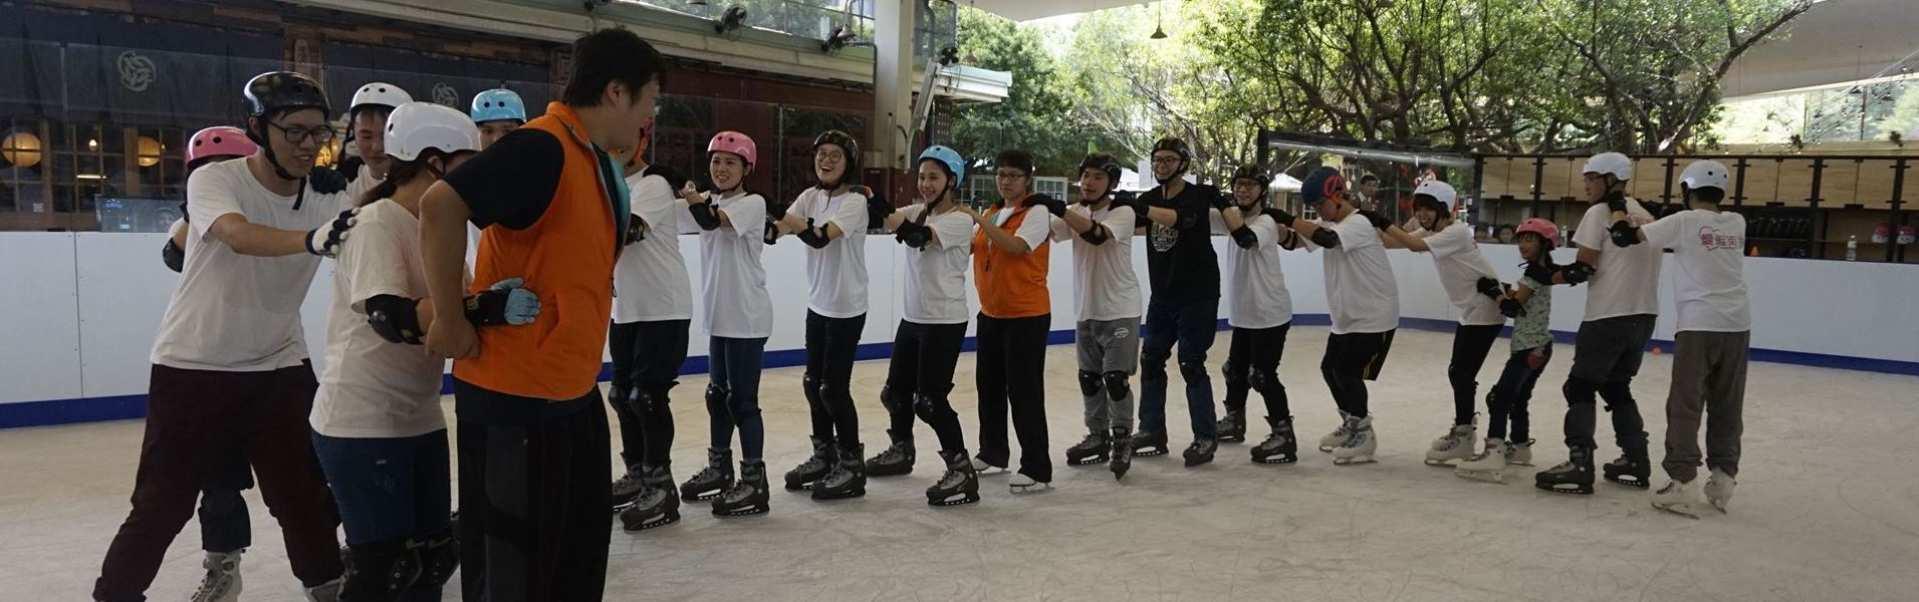 冰星球滑冰場大人小孩都適合